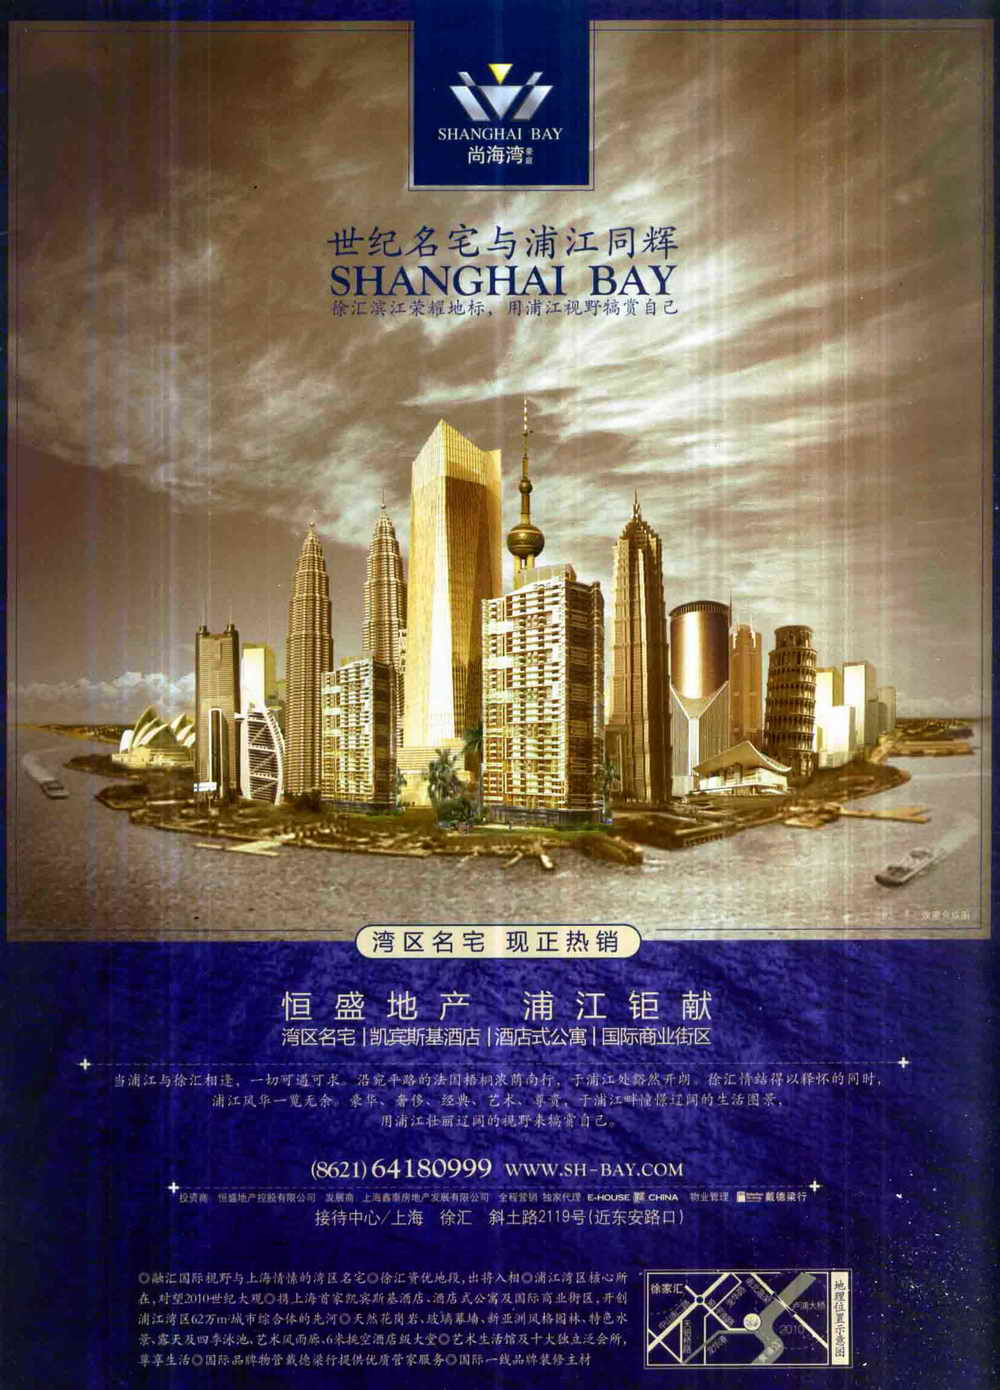 上海尚海湾